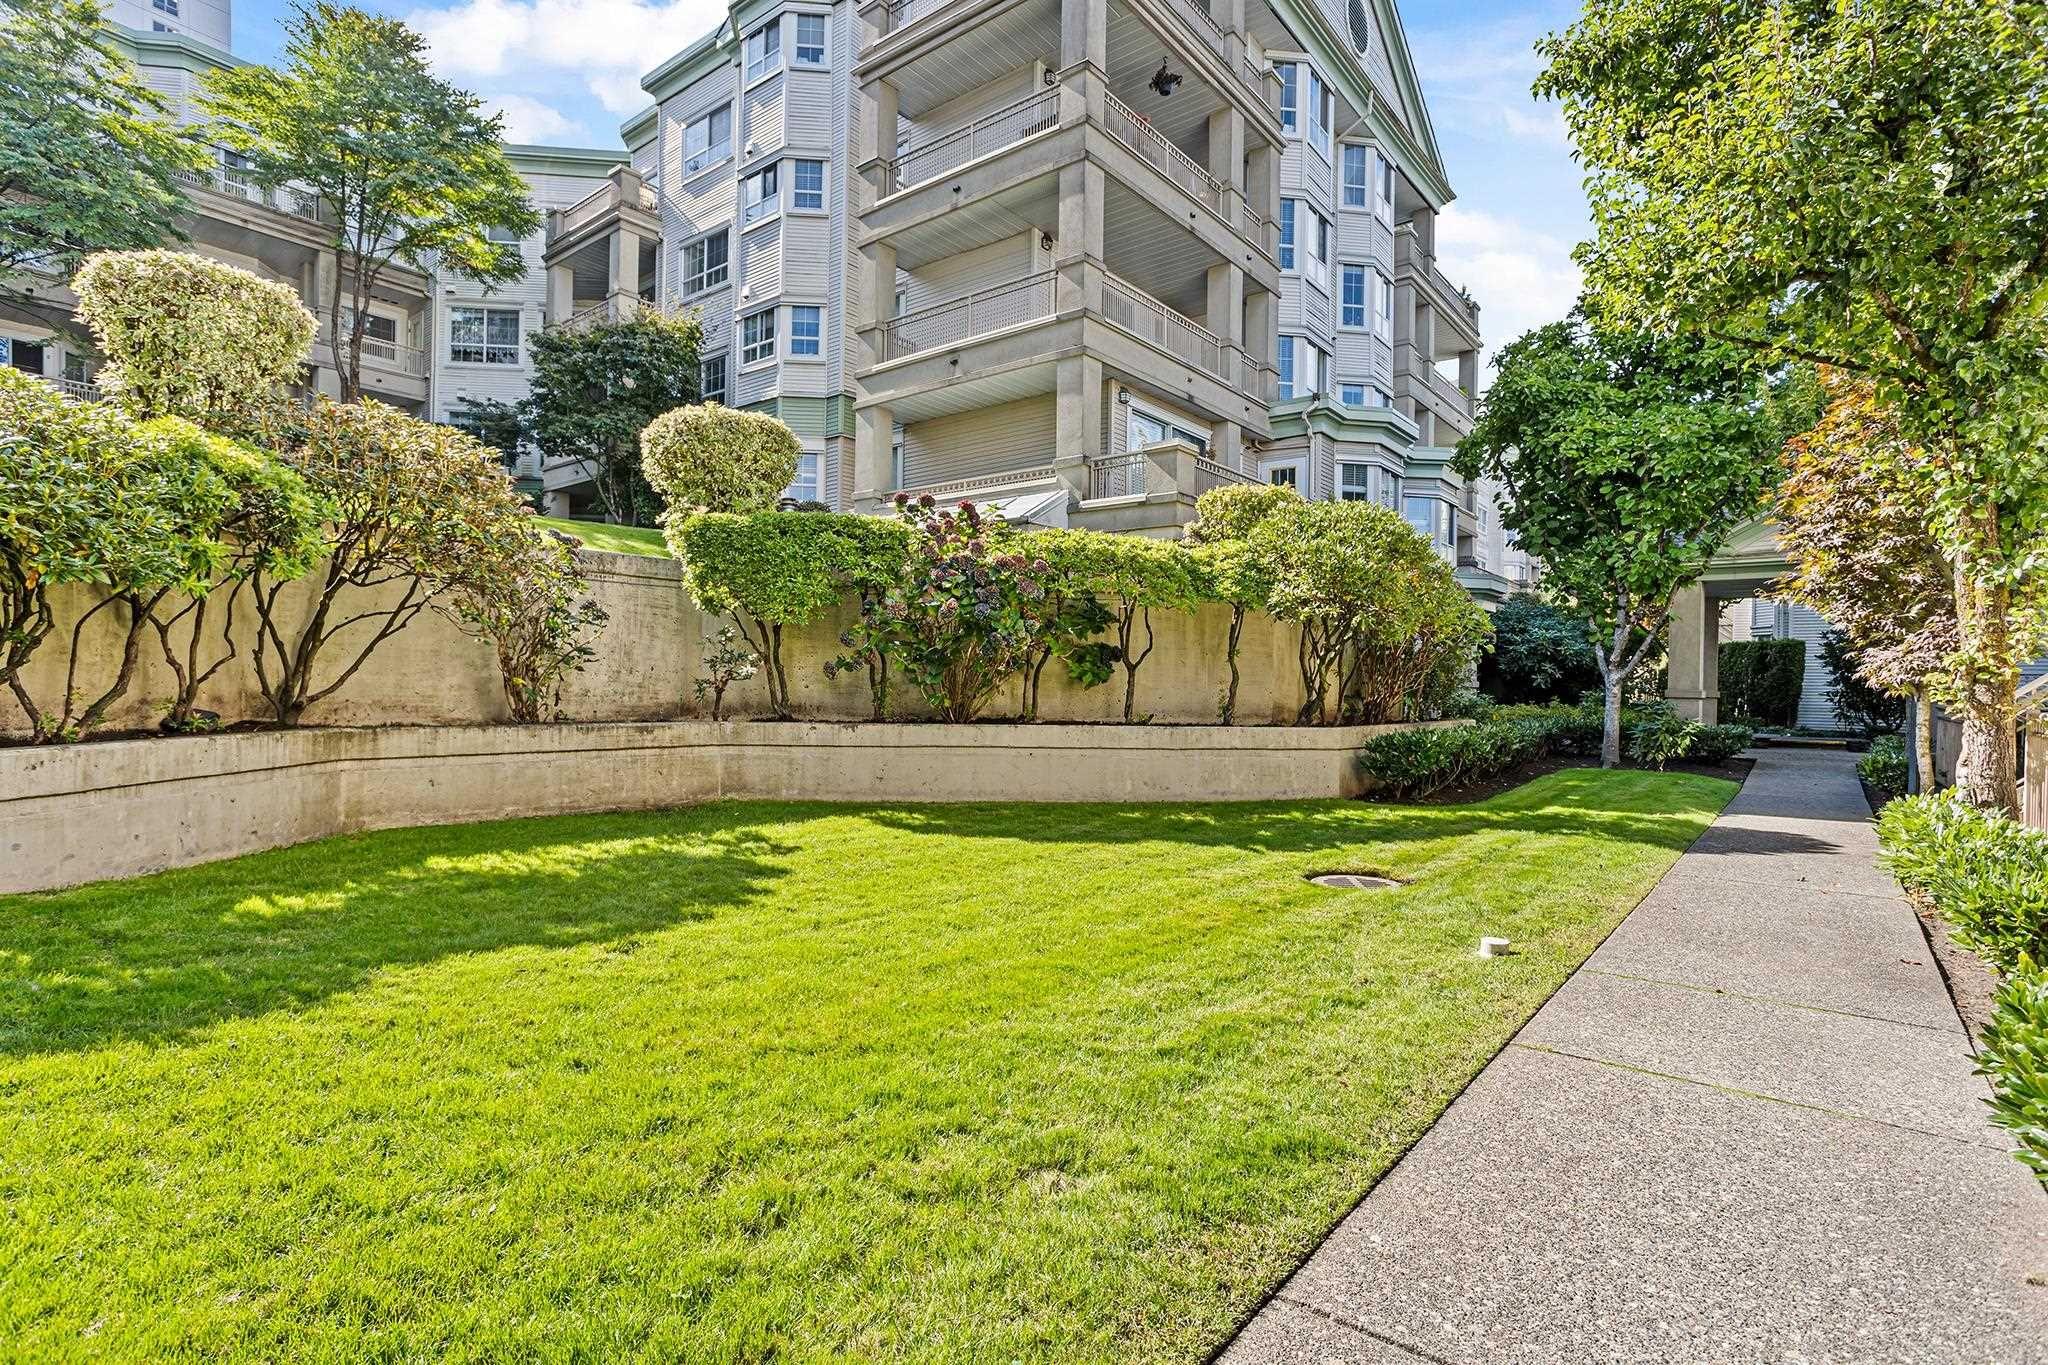 """Main Photo: 426 15268 105 Avenue in Surrey: Guildford Condo for sale in """"Georgian Gardens"""" (North Surrey)  : MLS®# R2621036"""